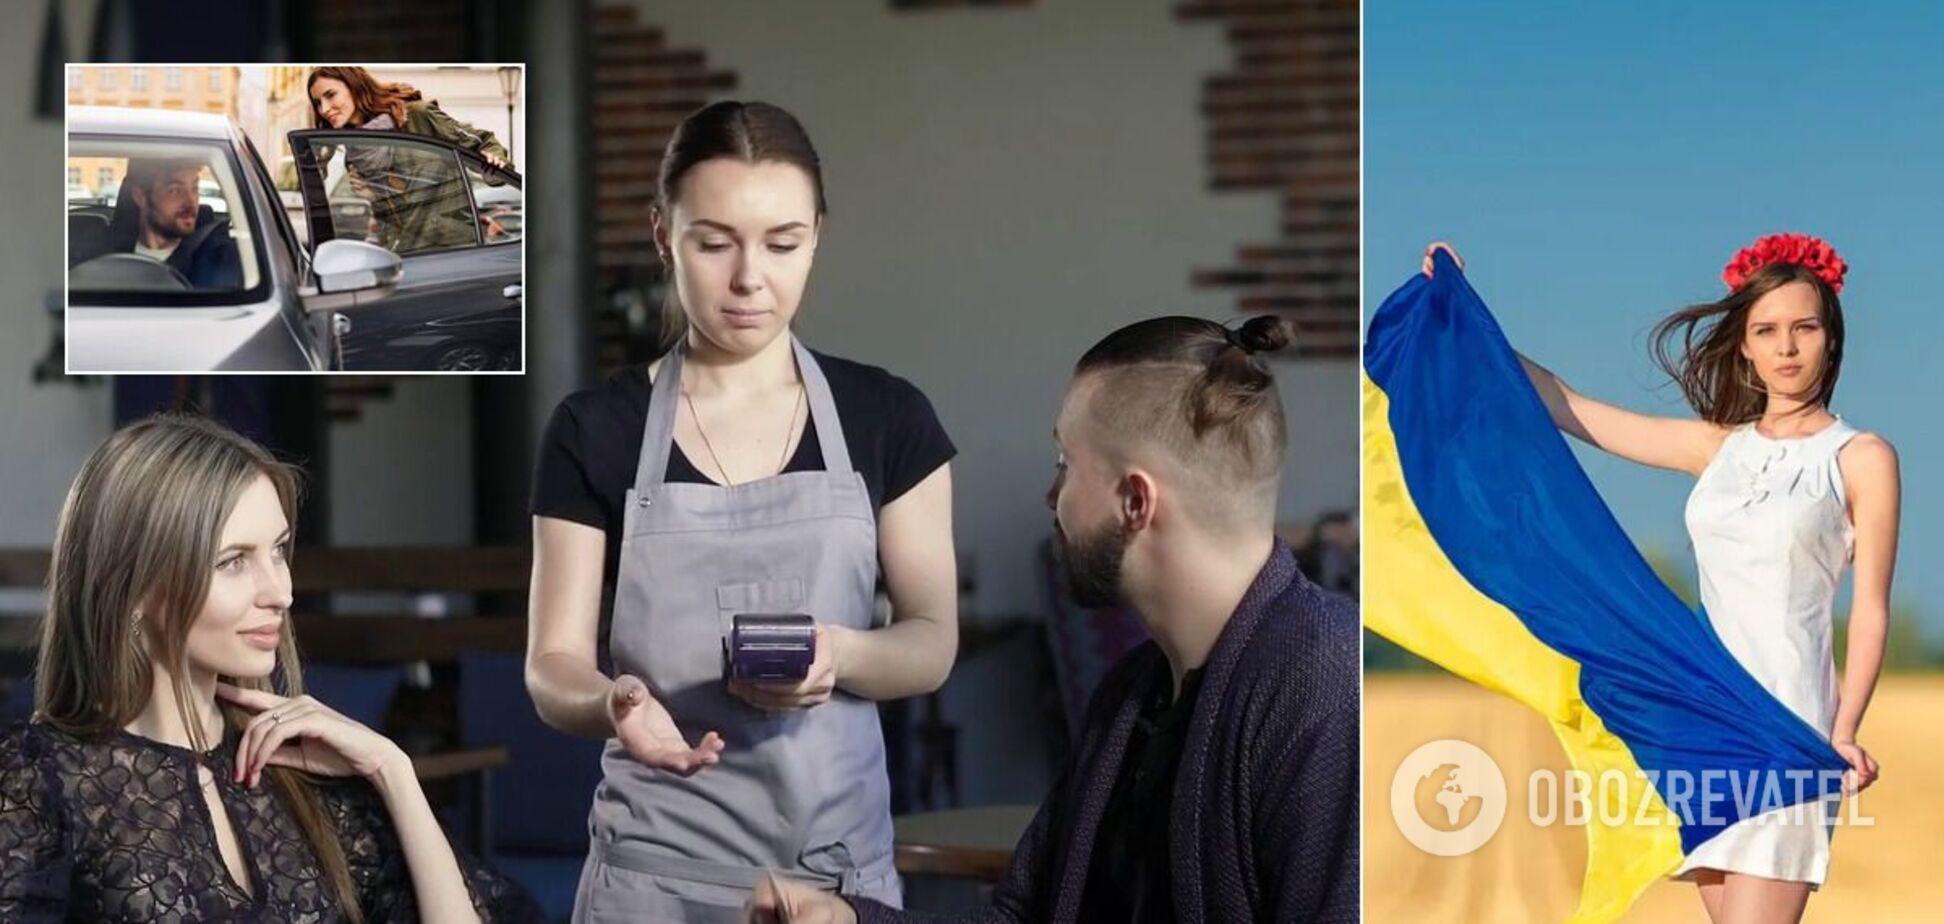 Обслуживание на украинском языке в Украине